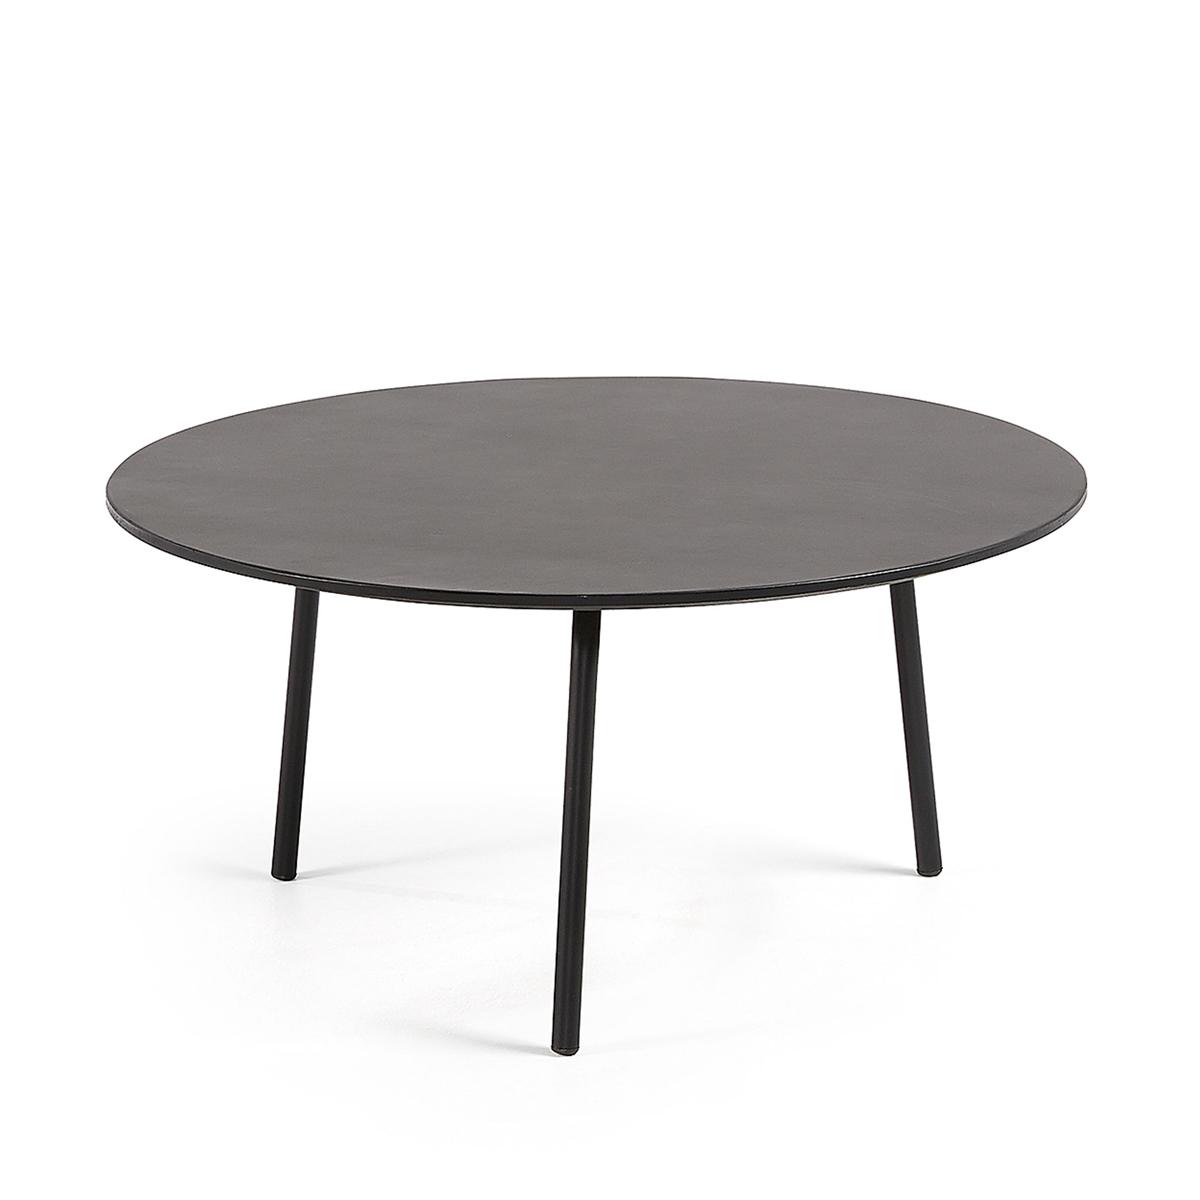 Table basse ronde et noire - Noir - Ø 70 x H 33 cm